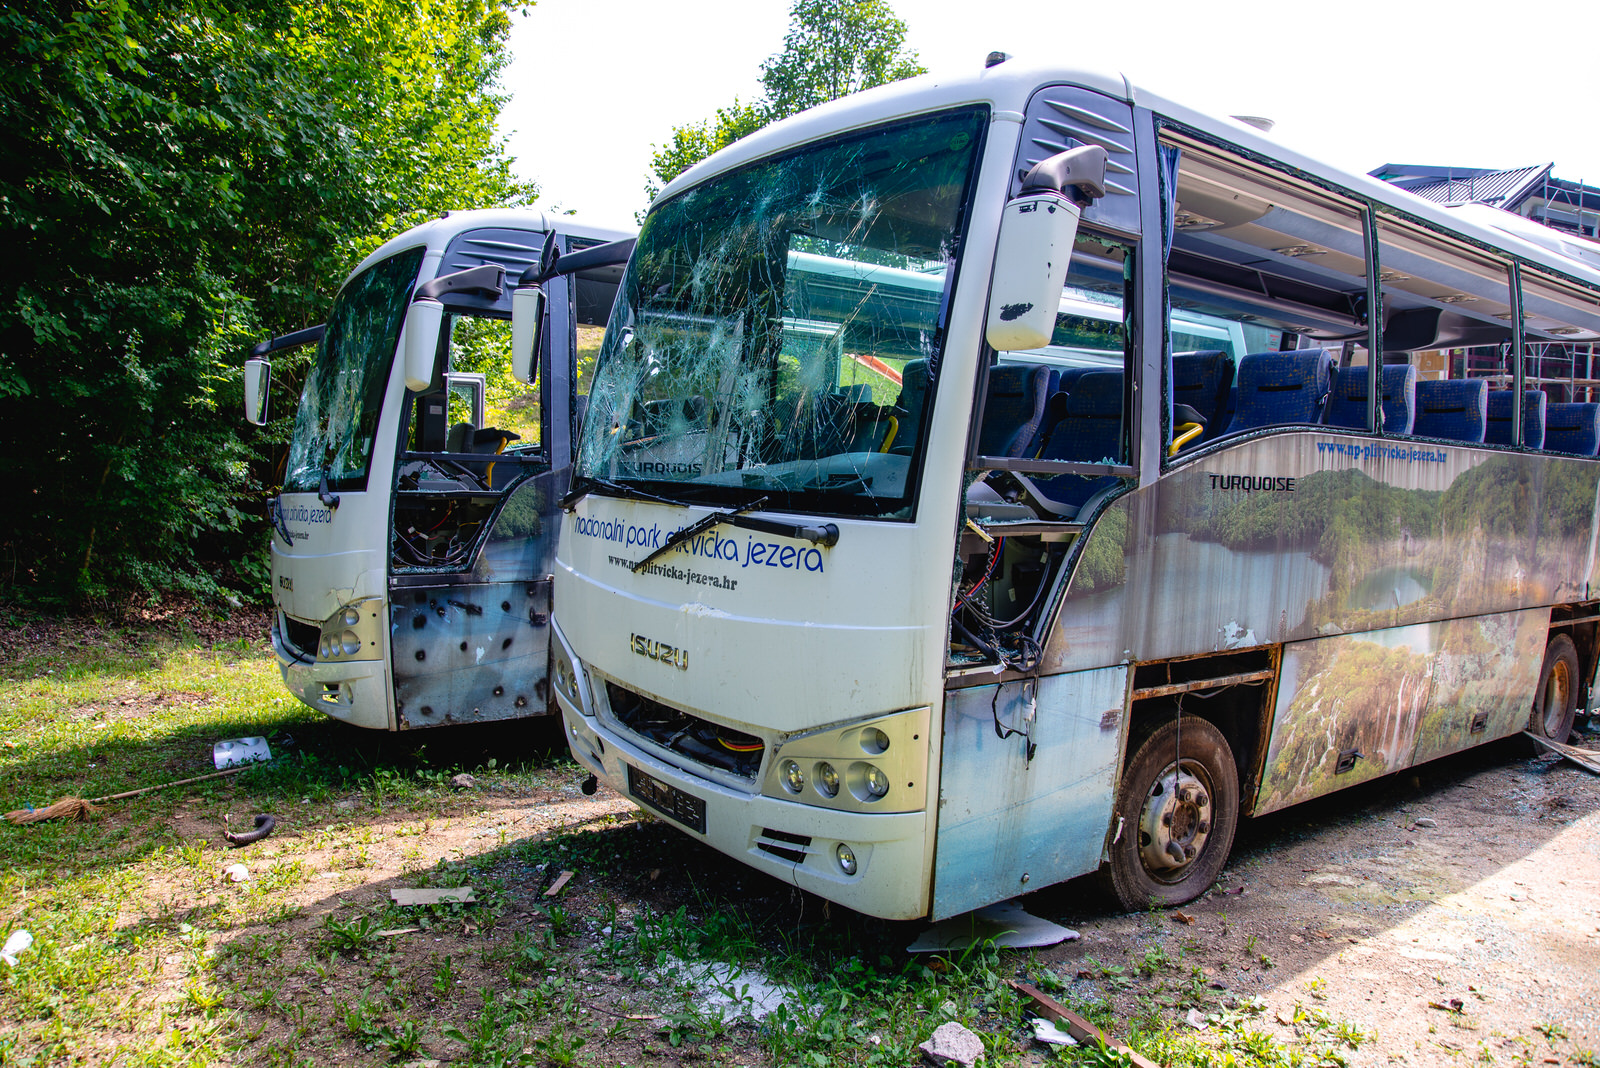 likaclub_autobusi plitvička jezera u mukinjama_11_8_2020 (5)